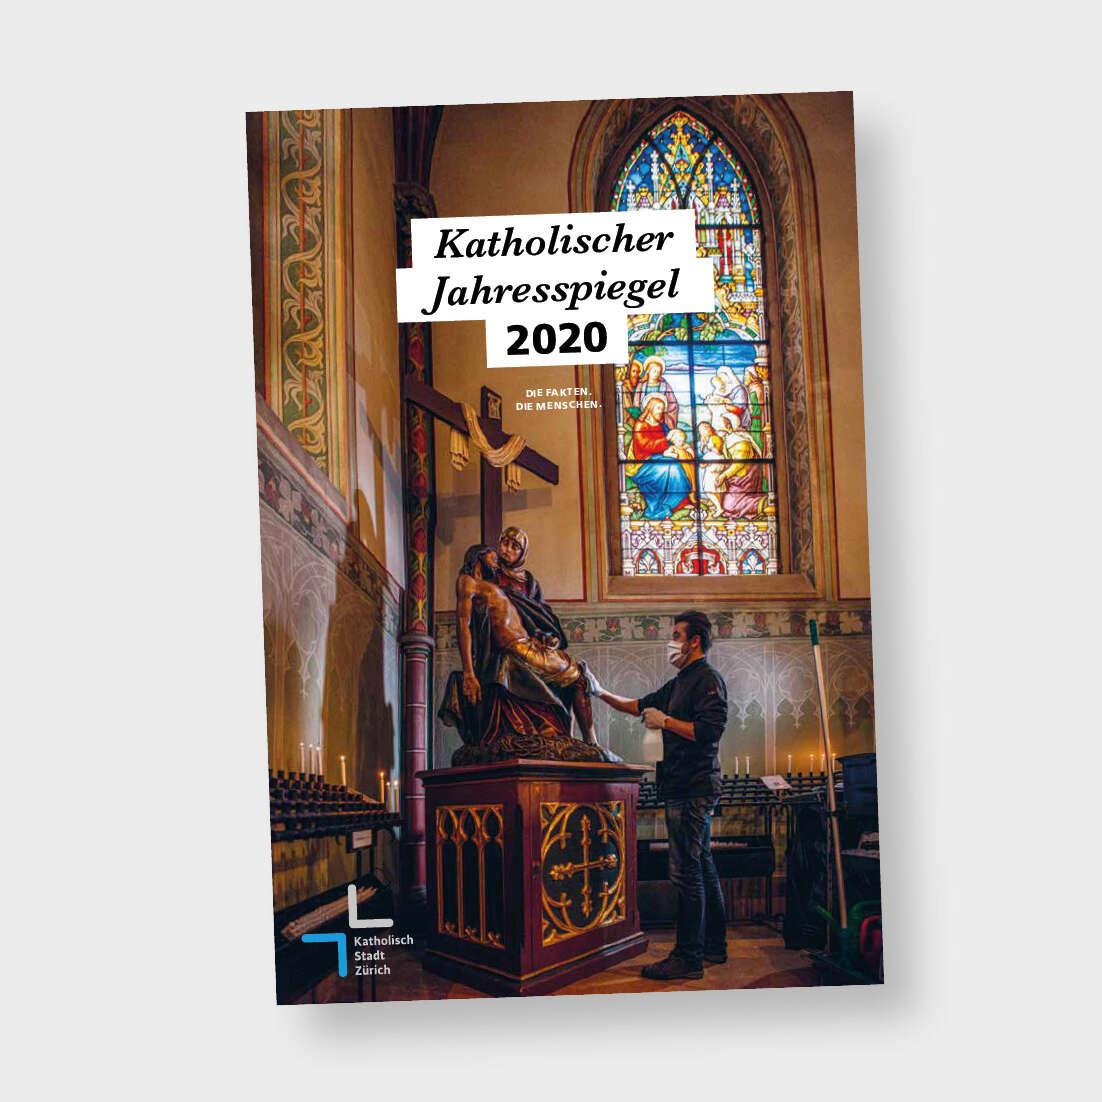 Katholischer Jahresspiegel 2020